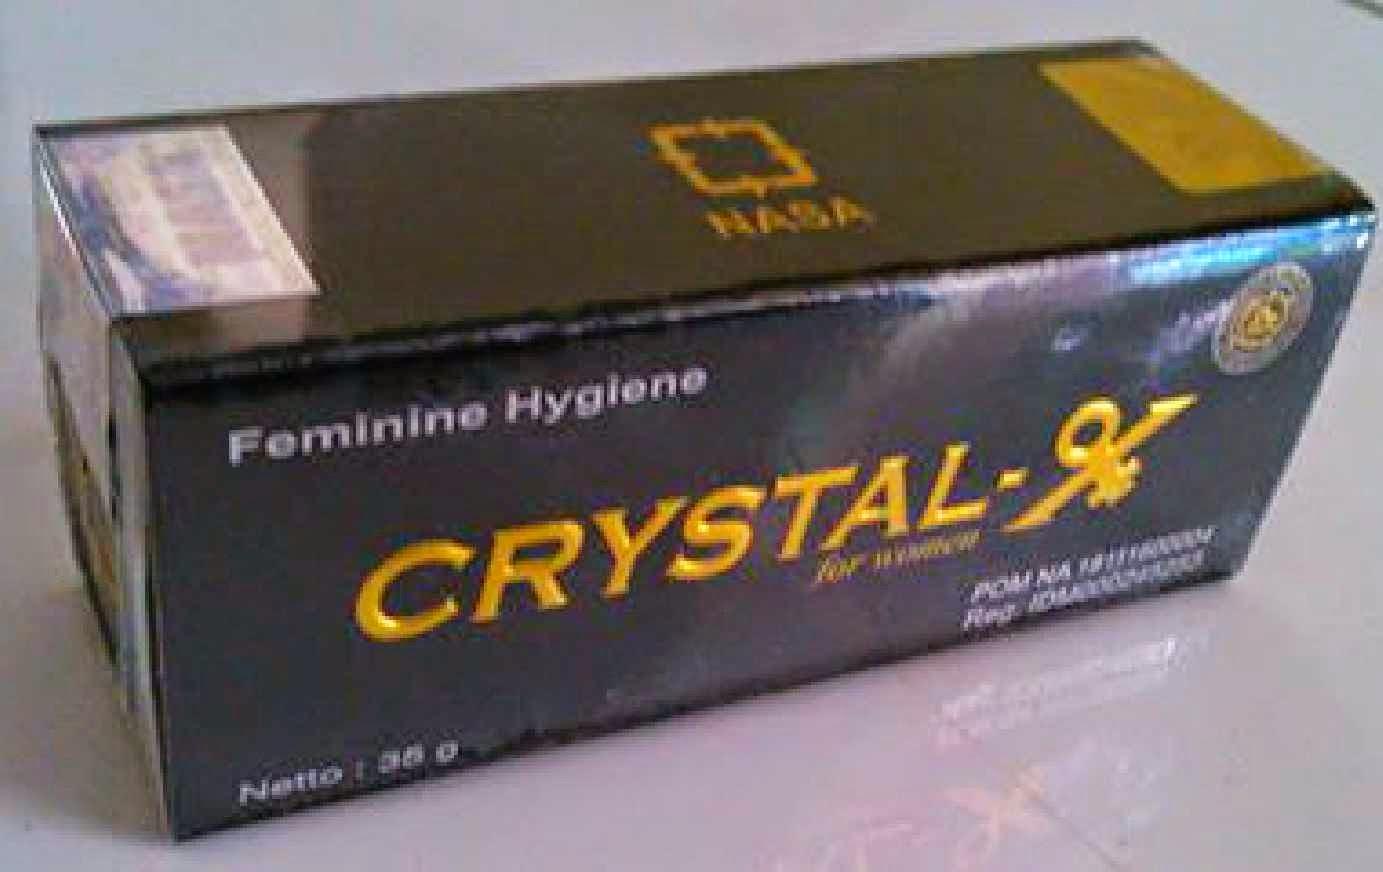 Tips Cara Pemakaian Crystal X Agar Hasilnya Optimal Seputar Cristal Kristal Original Obat Herbal Keputihan Asli Dan Efek Samping Pemakaianya